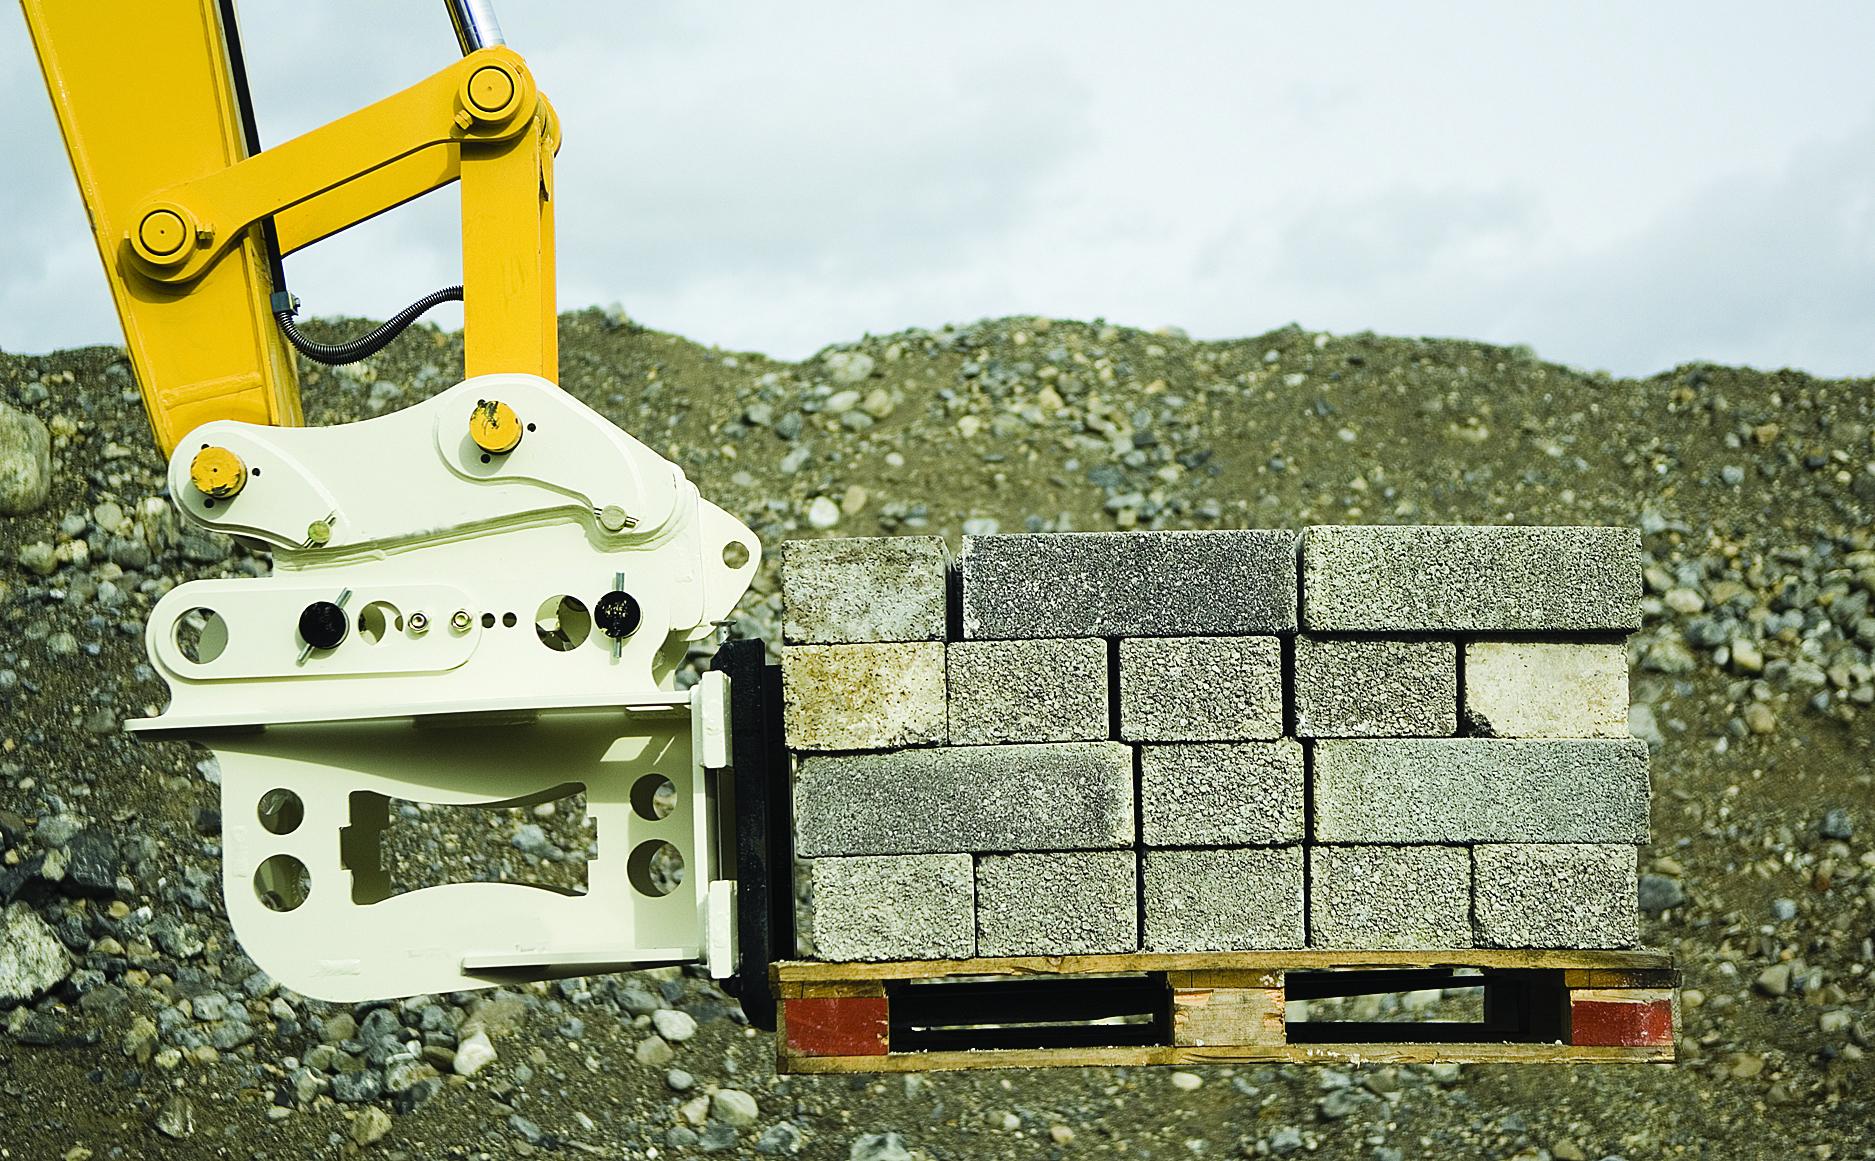 Pallet Forks 12-22 ton